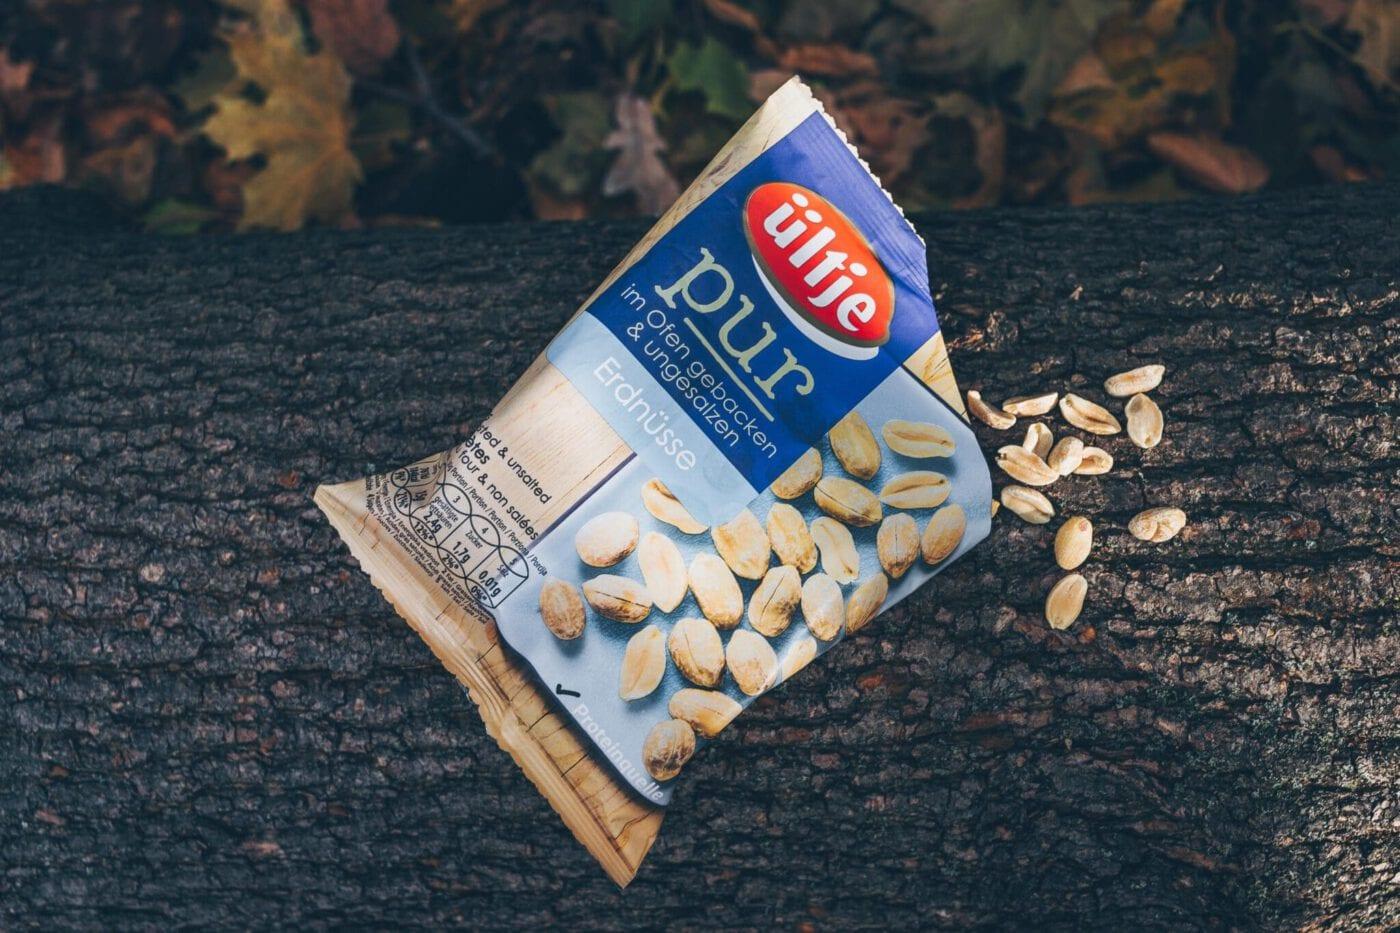 Mein perfekter Wander-Snack: Erdnüsse von ültje